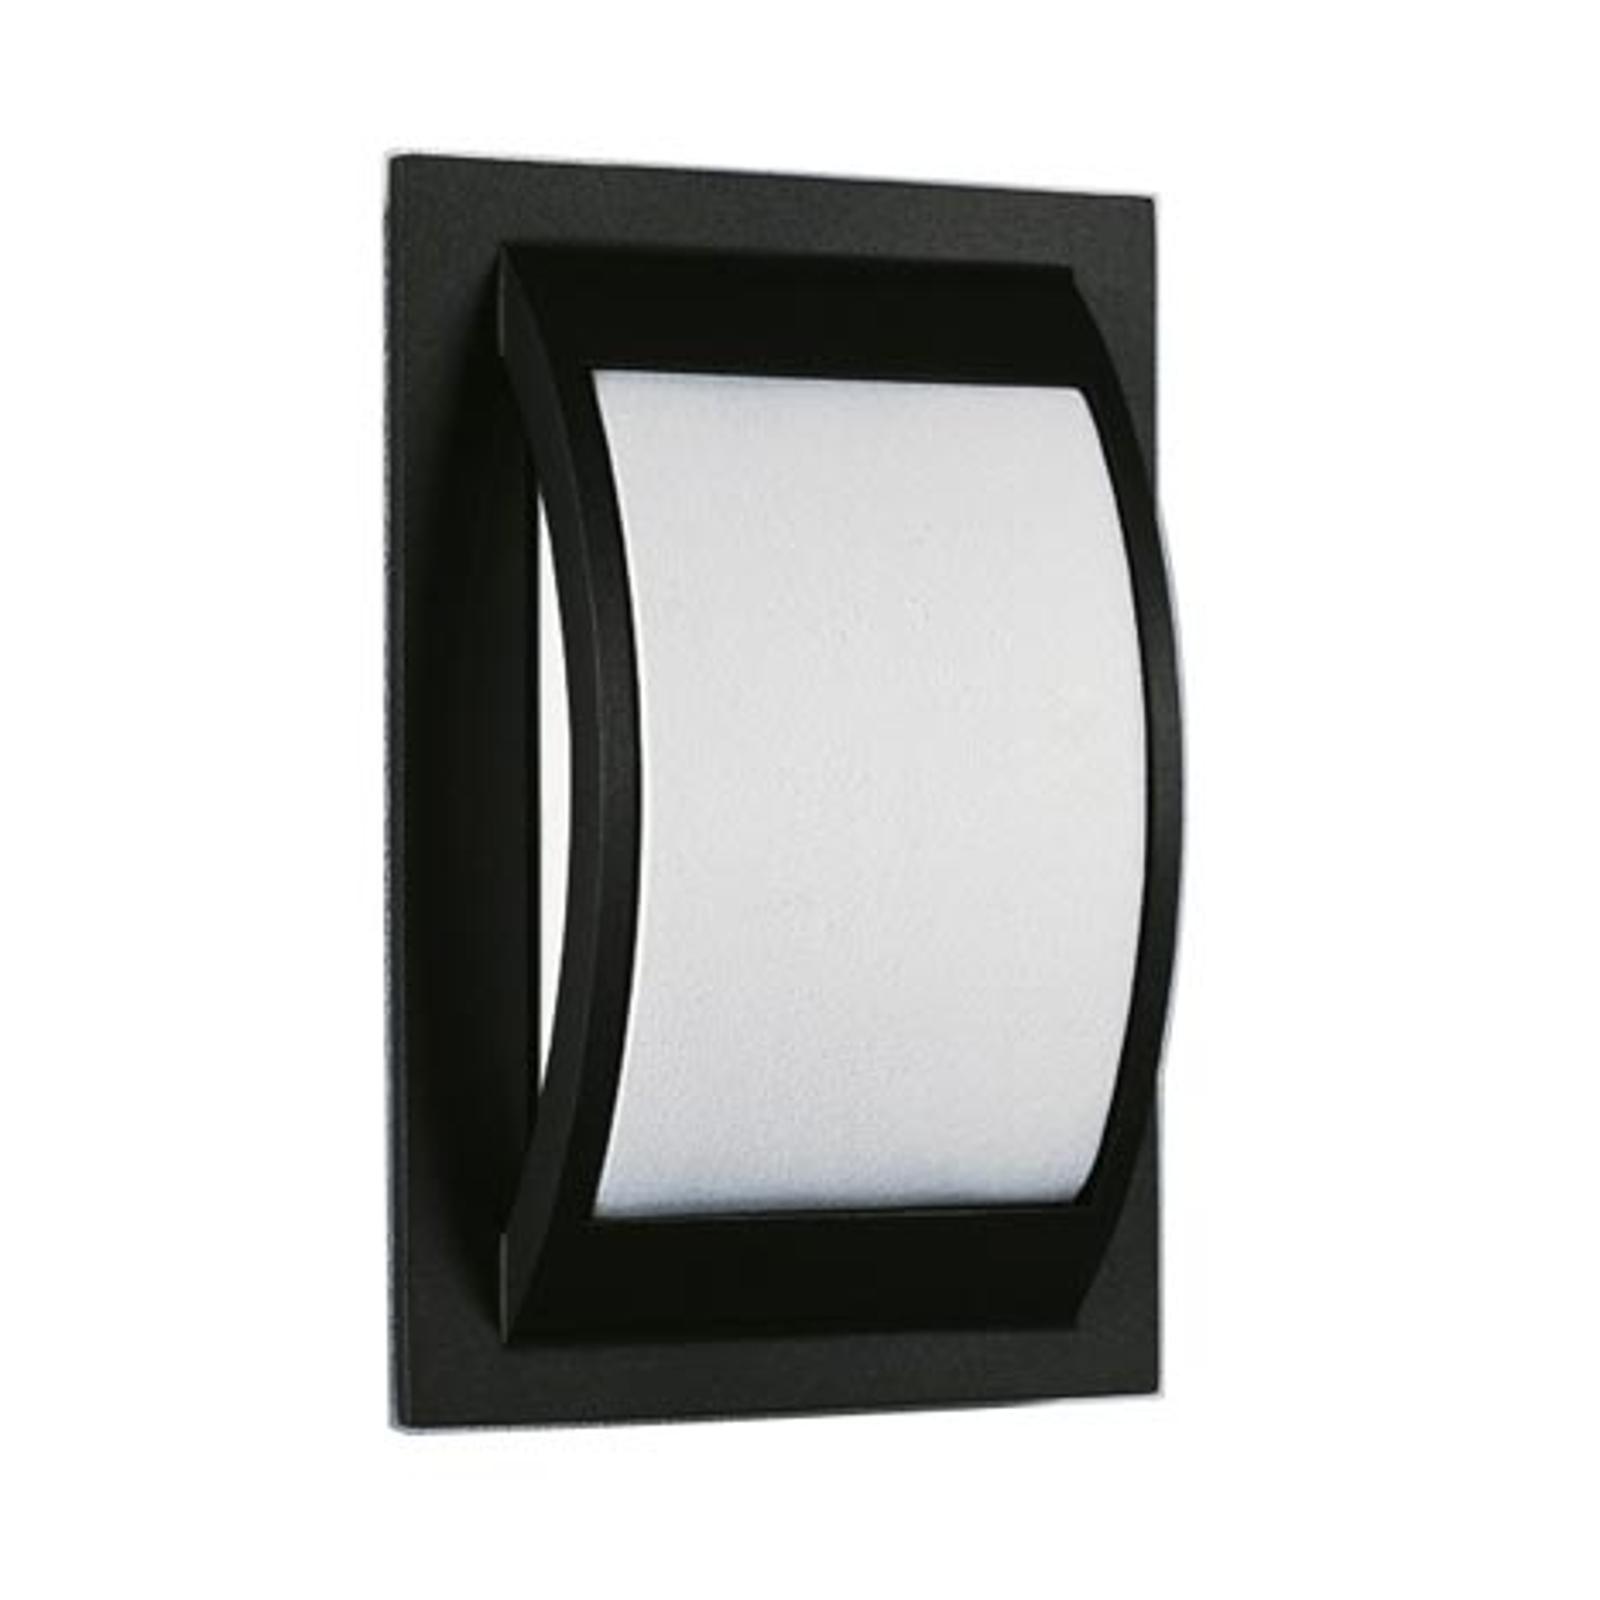 Zewnętrzna lampa ścienna lub sufitowa 341 E27 S